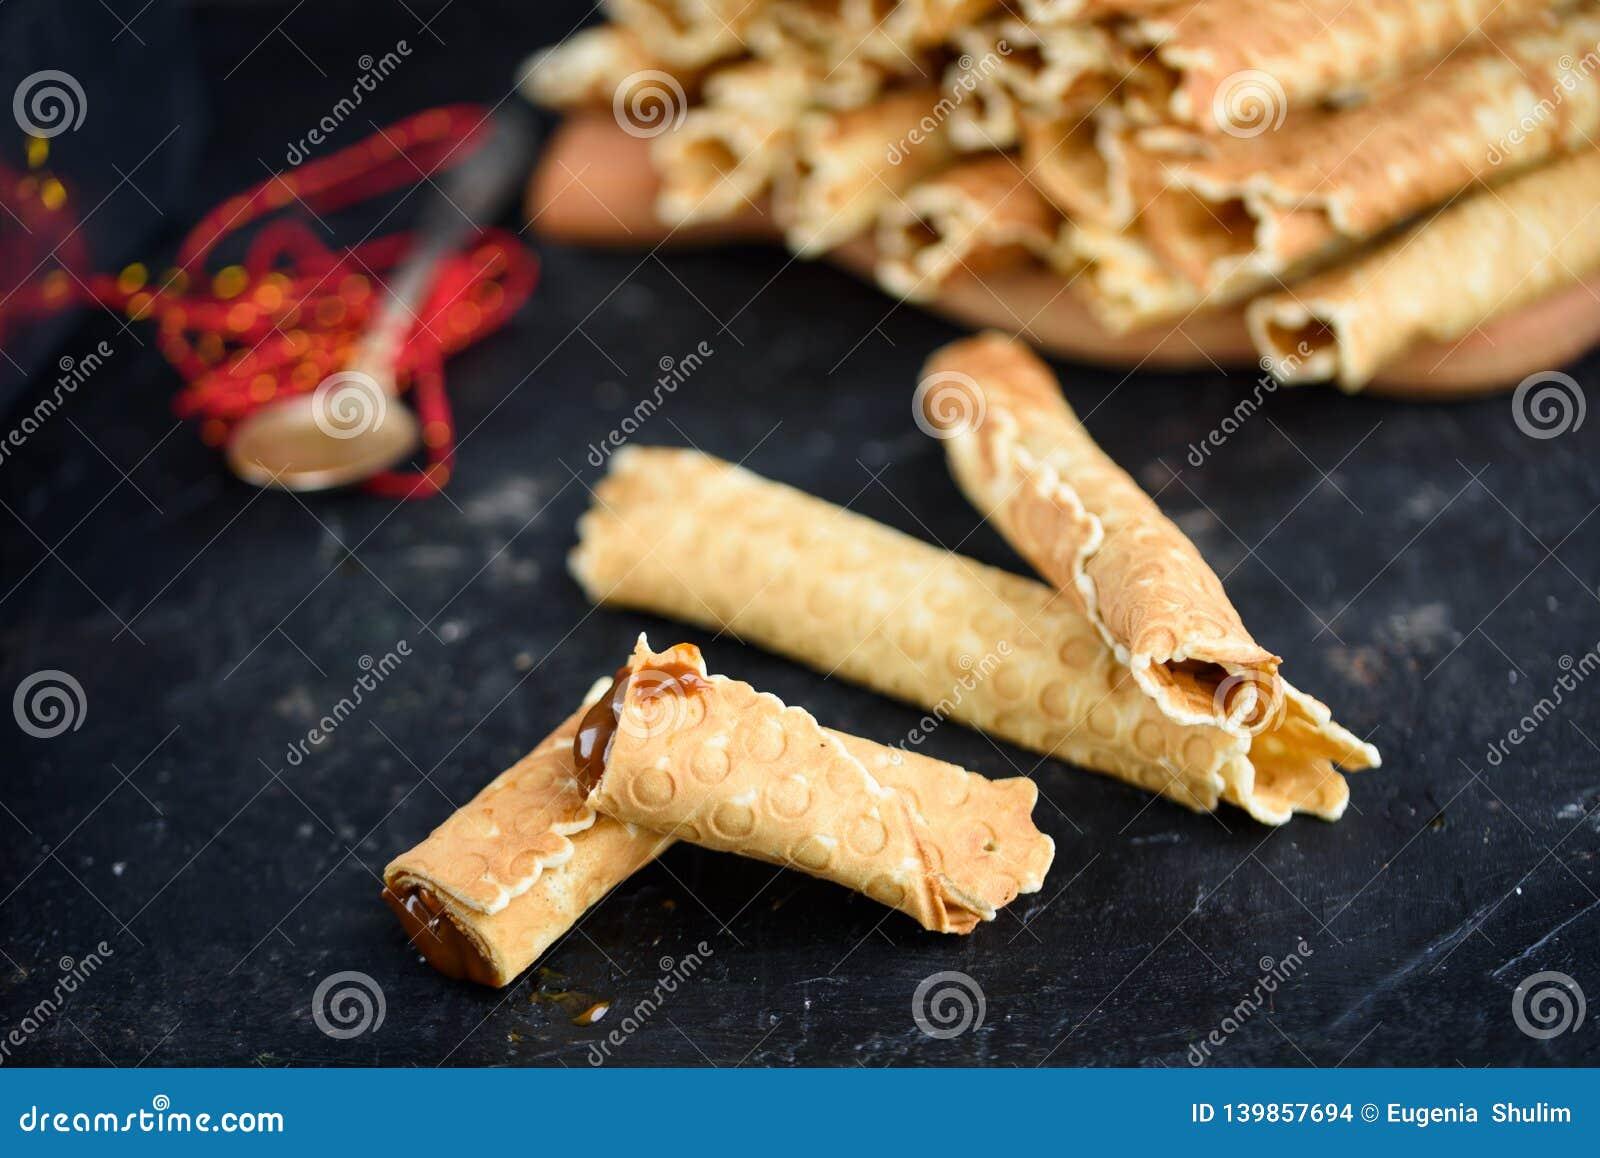 Oblatenrollen, geschmackvoll und wohlriechend, mit gekochter Kondensmilch auf einer schwarzen Tabelle